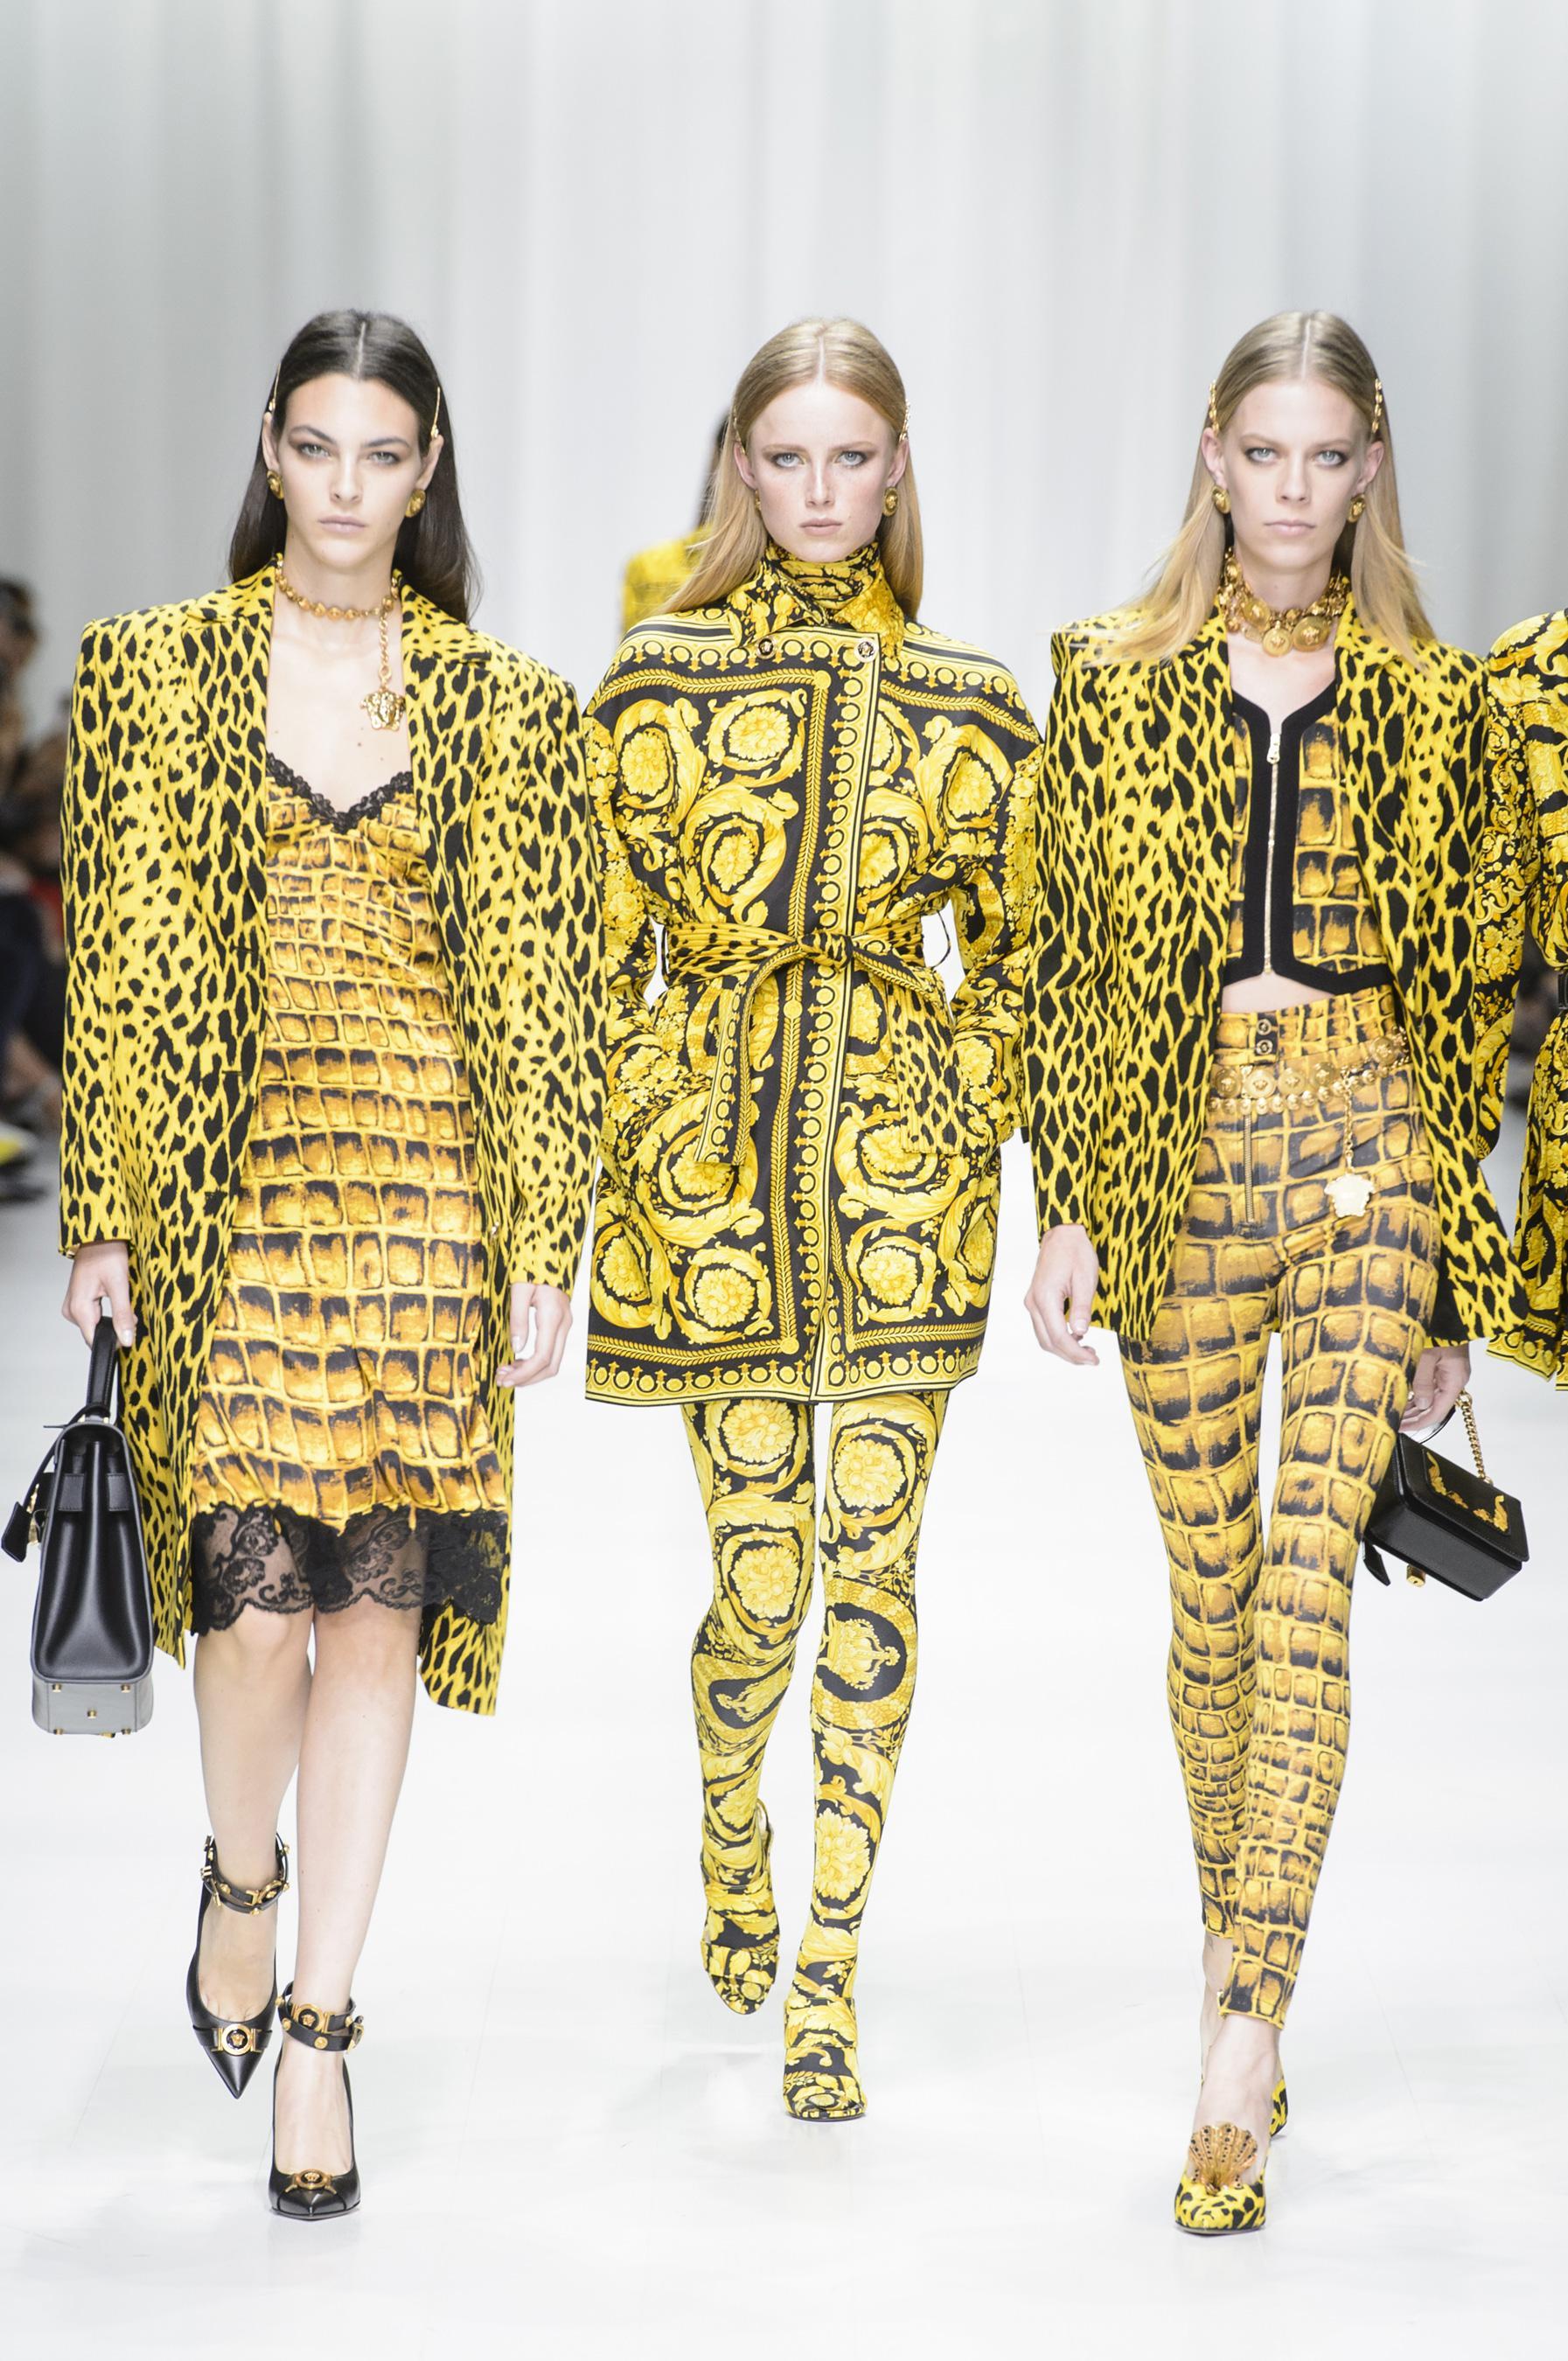 Défilé Versace printemps été 2018 Prêt à porter Madame Figaro